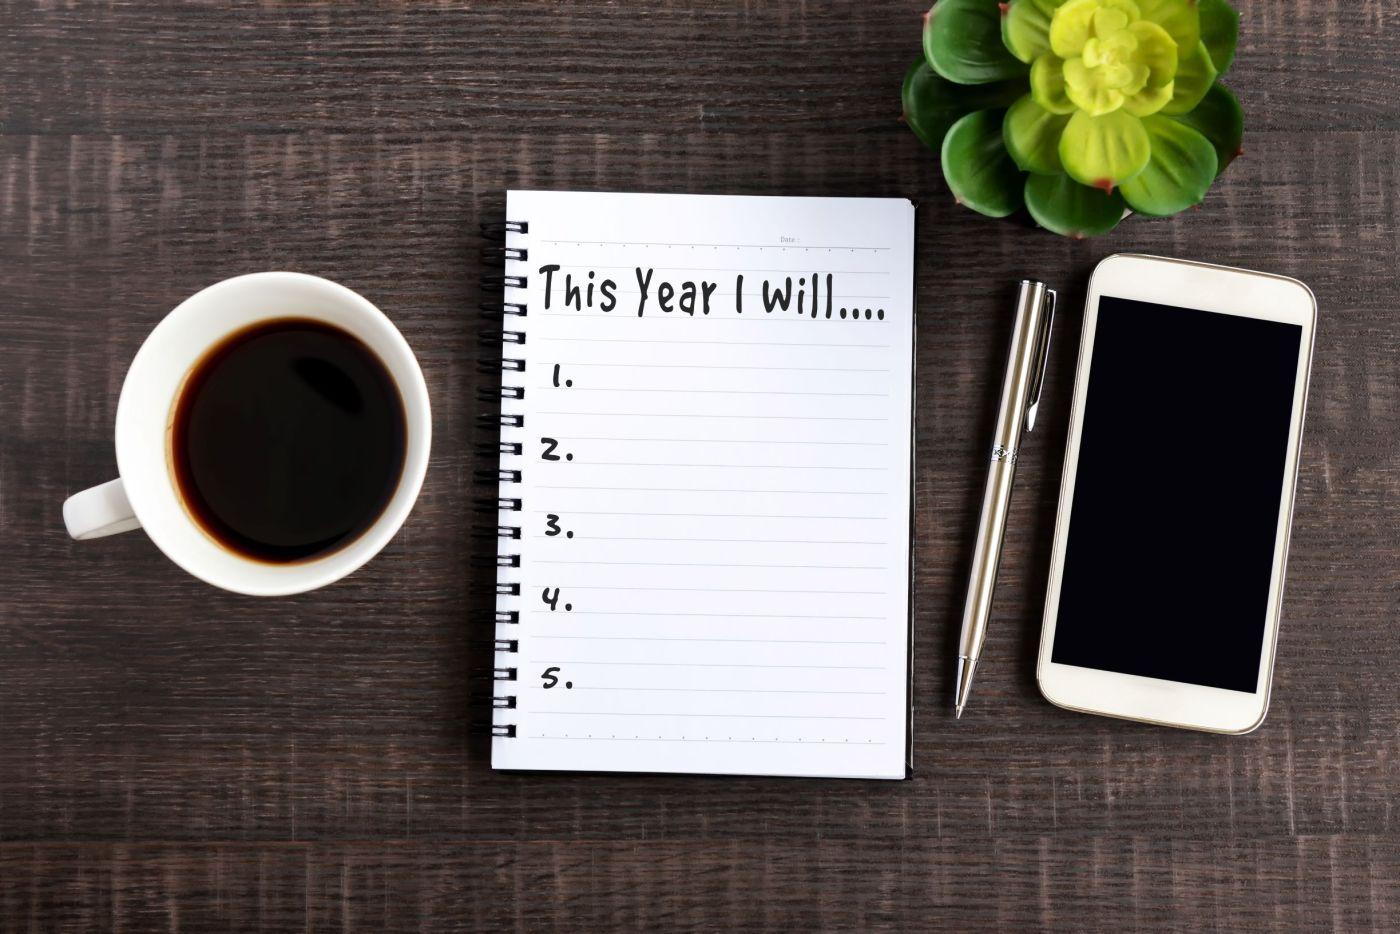 Financial goals financial resolutions